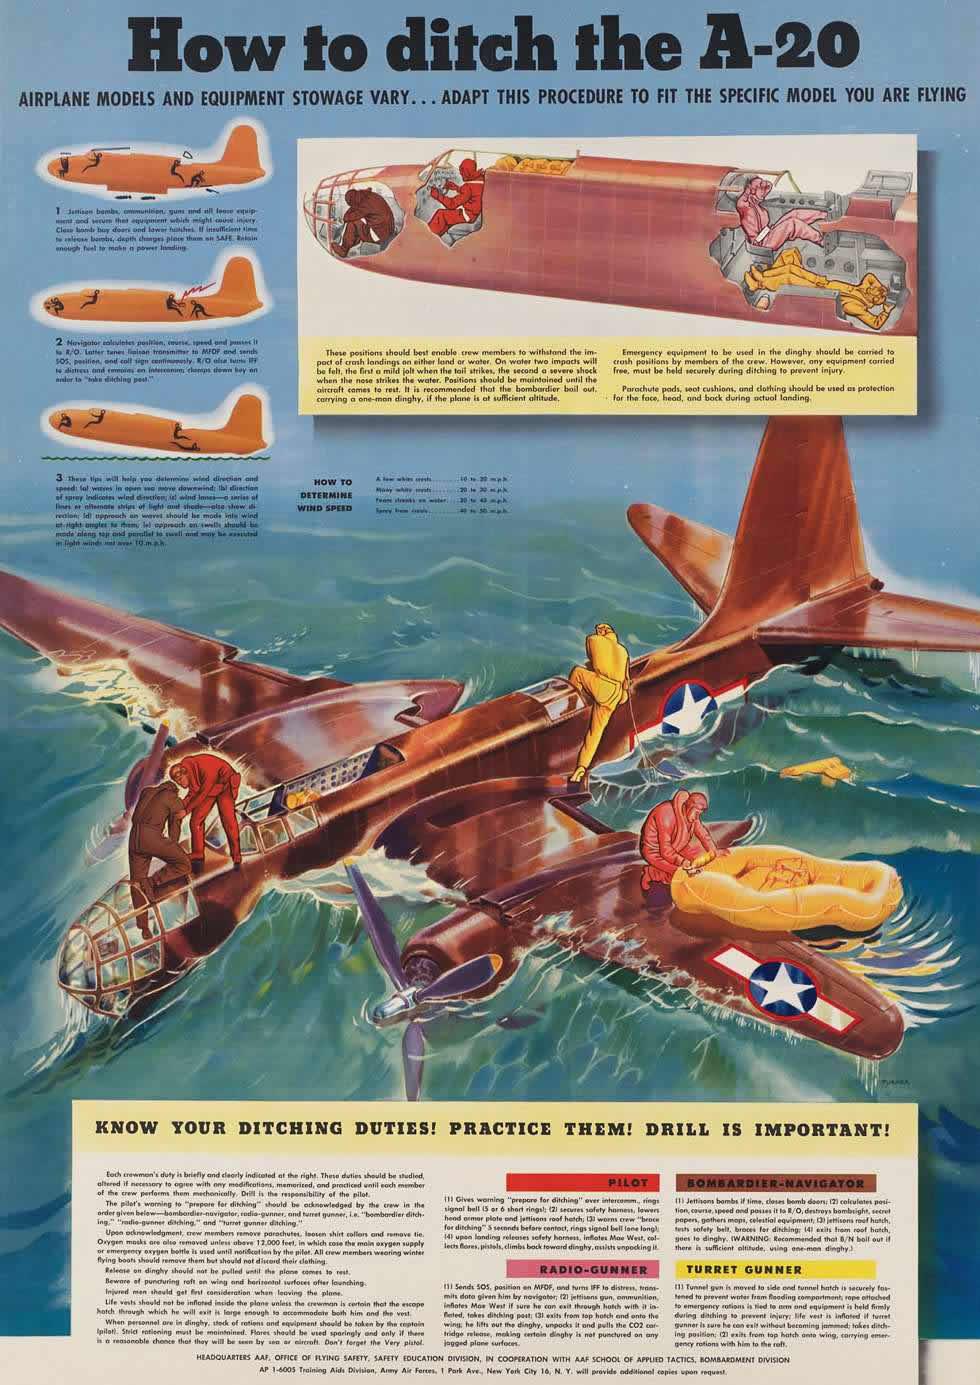 Схема покидания экипажем самолета Douglas A-20 Havoc в случае вынужденного приводнения на поверхность моря